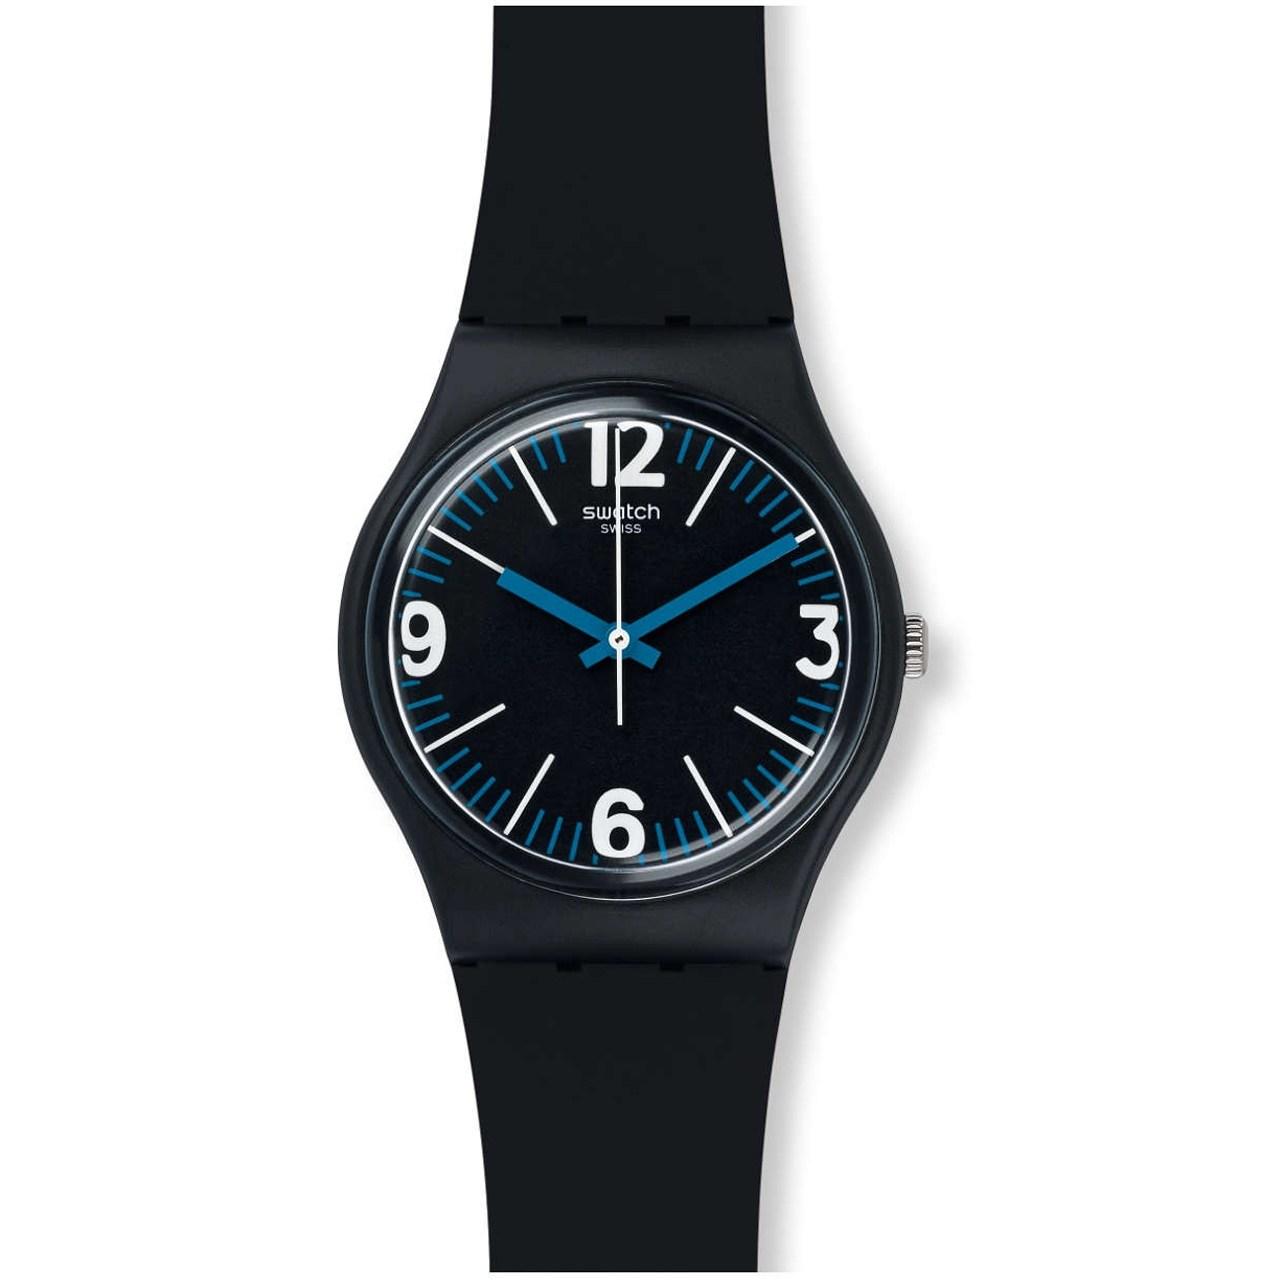 ساعت مچی عقربه ای سواچ مدل GB292